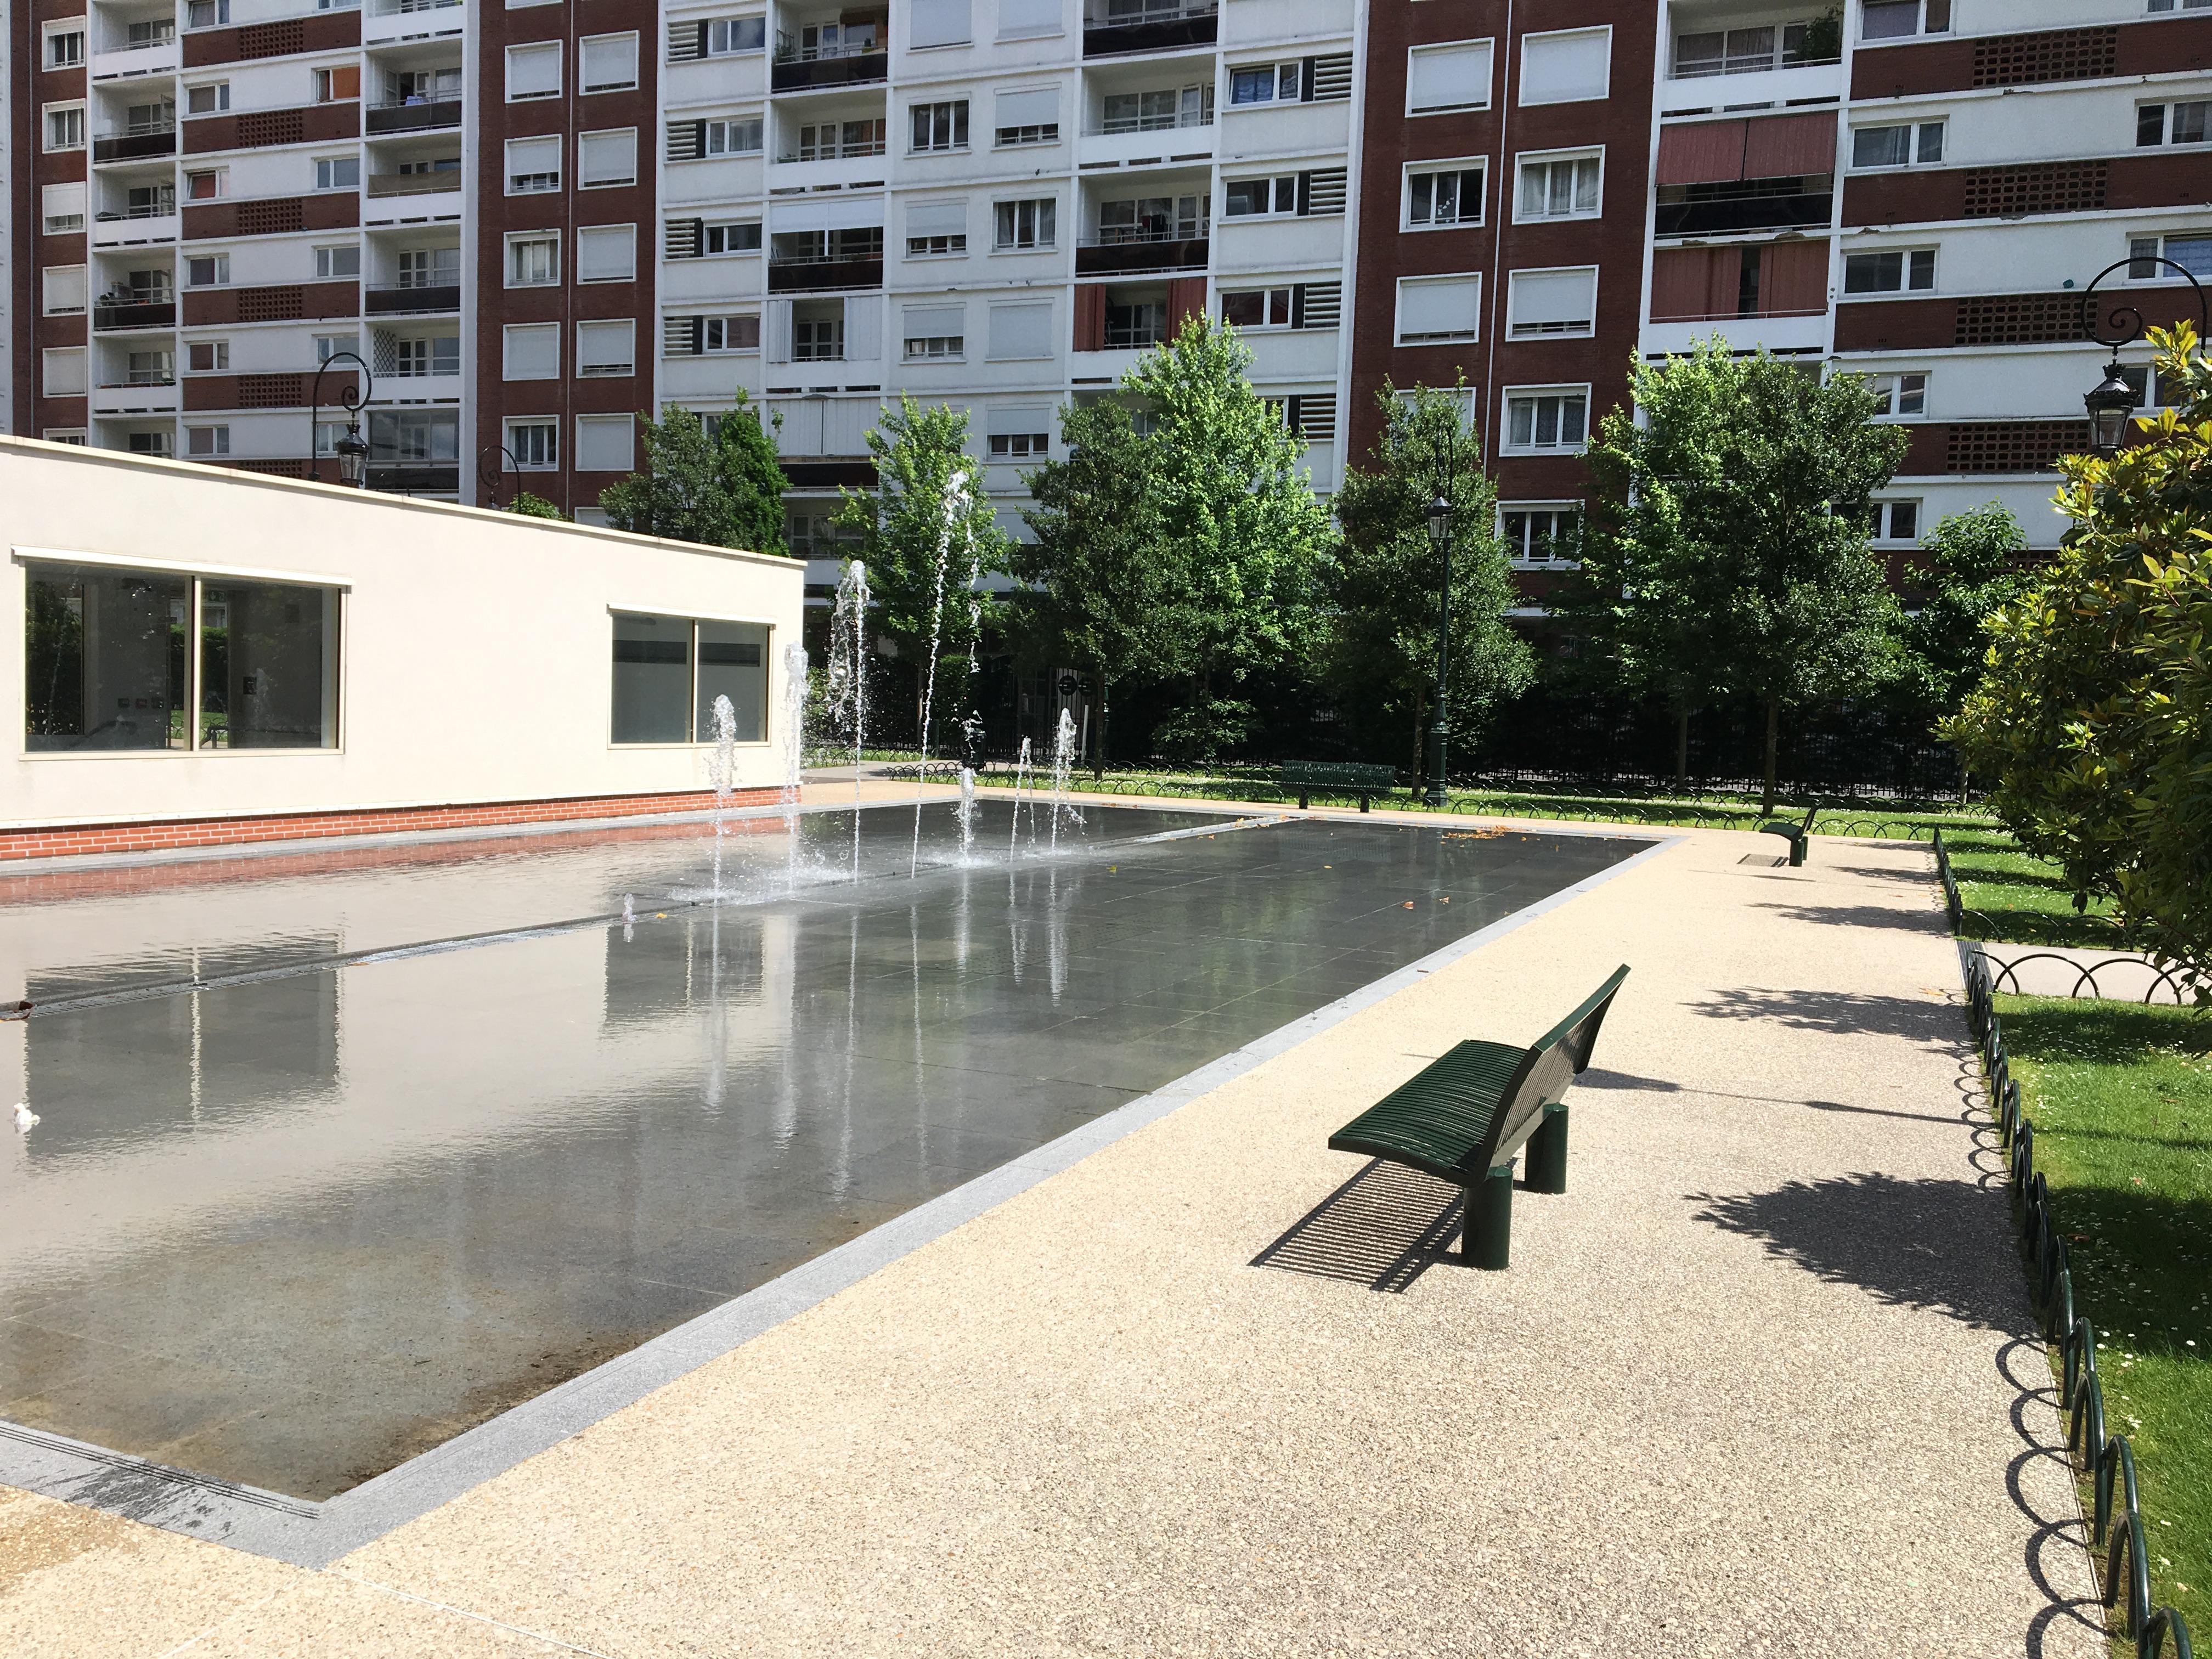 Réouverture des parcs et jardins